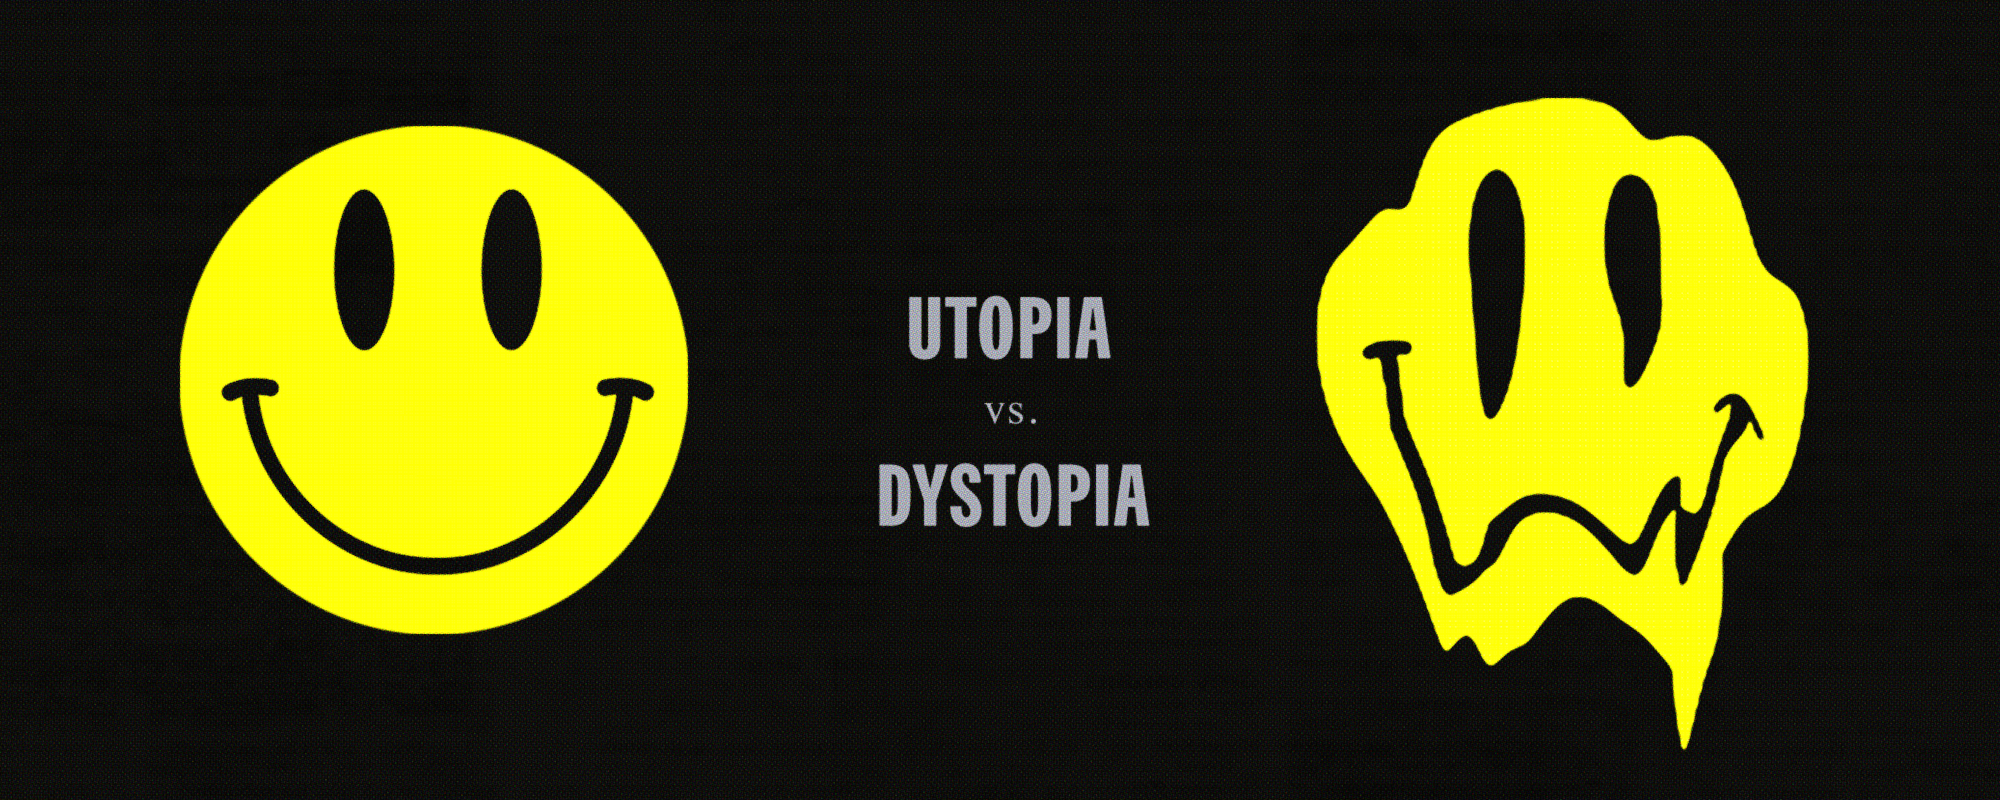 Read full story «DYSTOPIA vs UTOPIA»